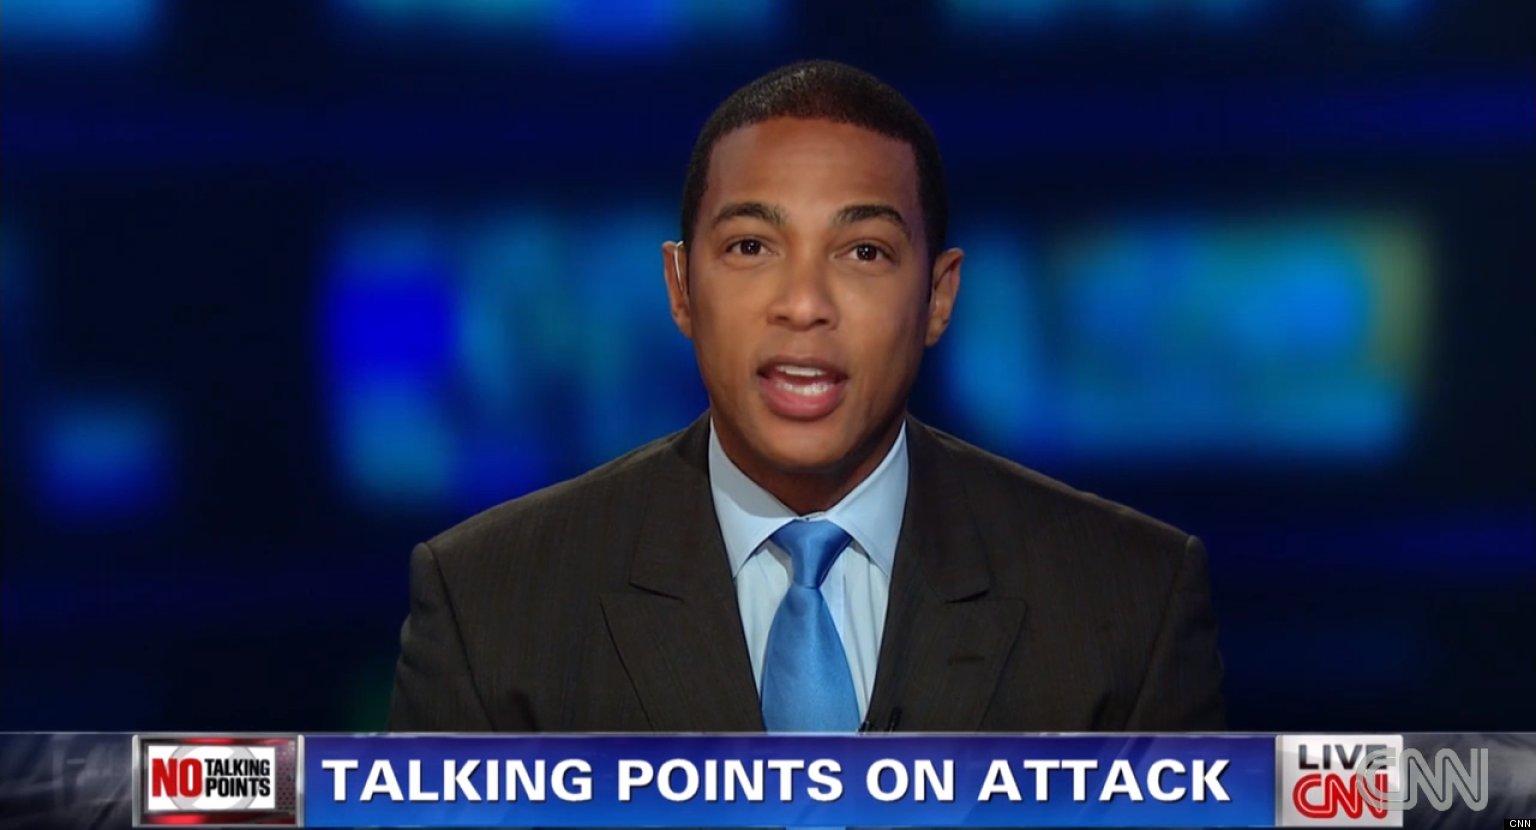 CNN's Don Lemon: Mitt Romney's Libya Response Was 'Rush To ...